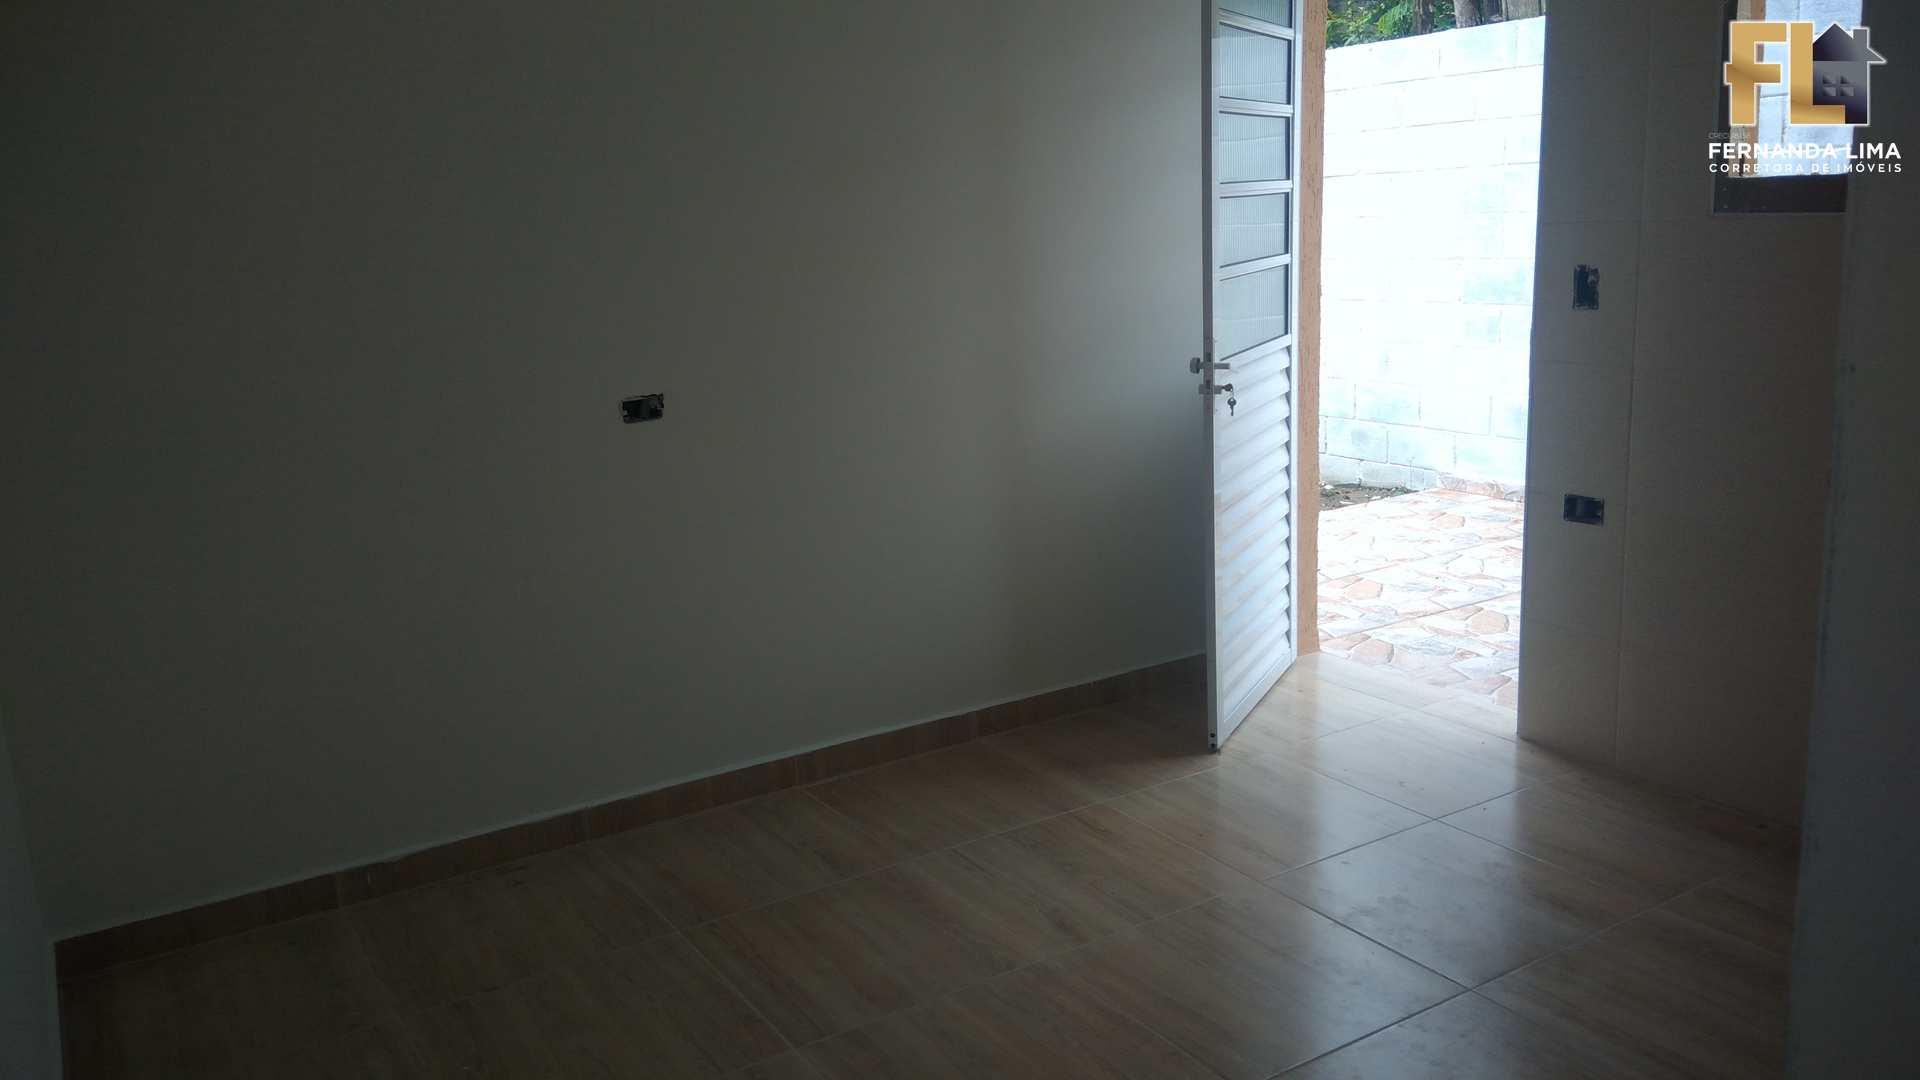 Casa com 1 dorm, Nova Itanhaém, Itanhaém - R$ 160 mil, Cod: 45172